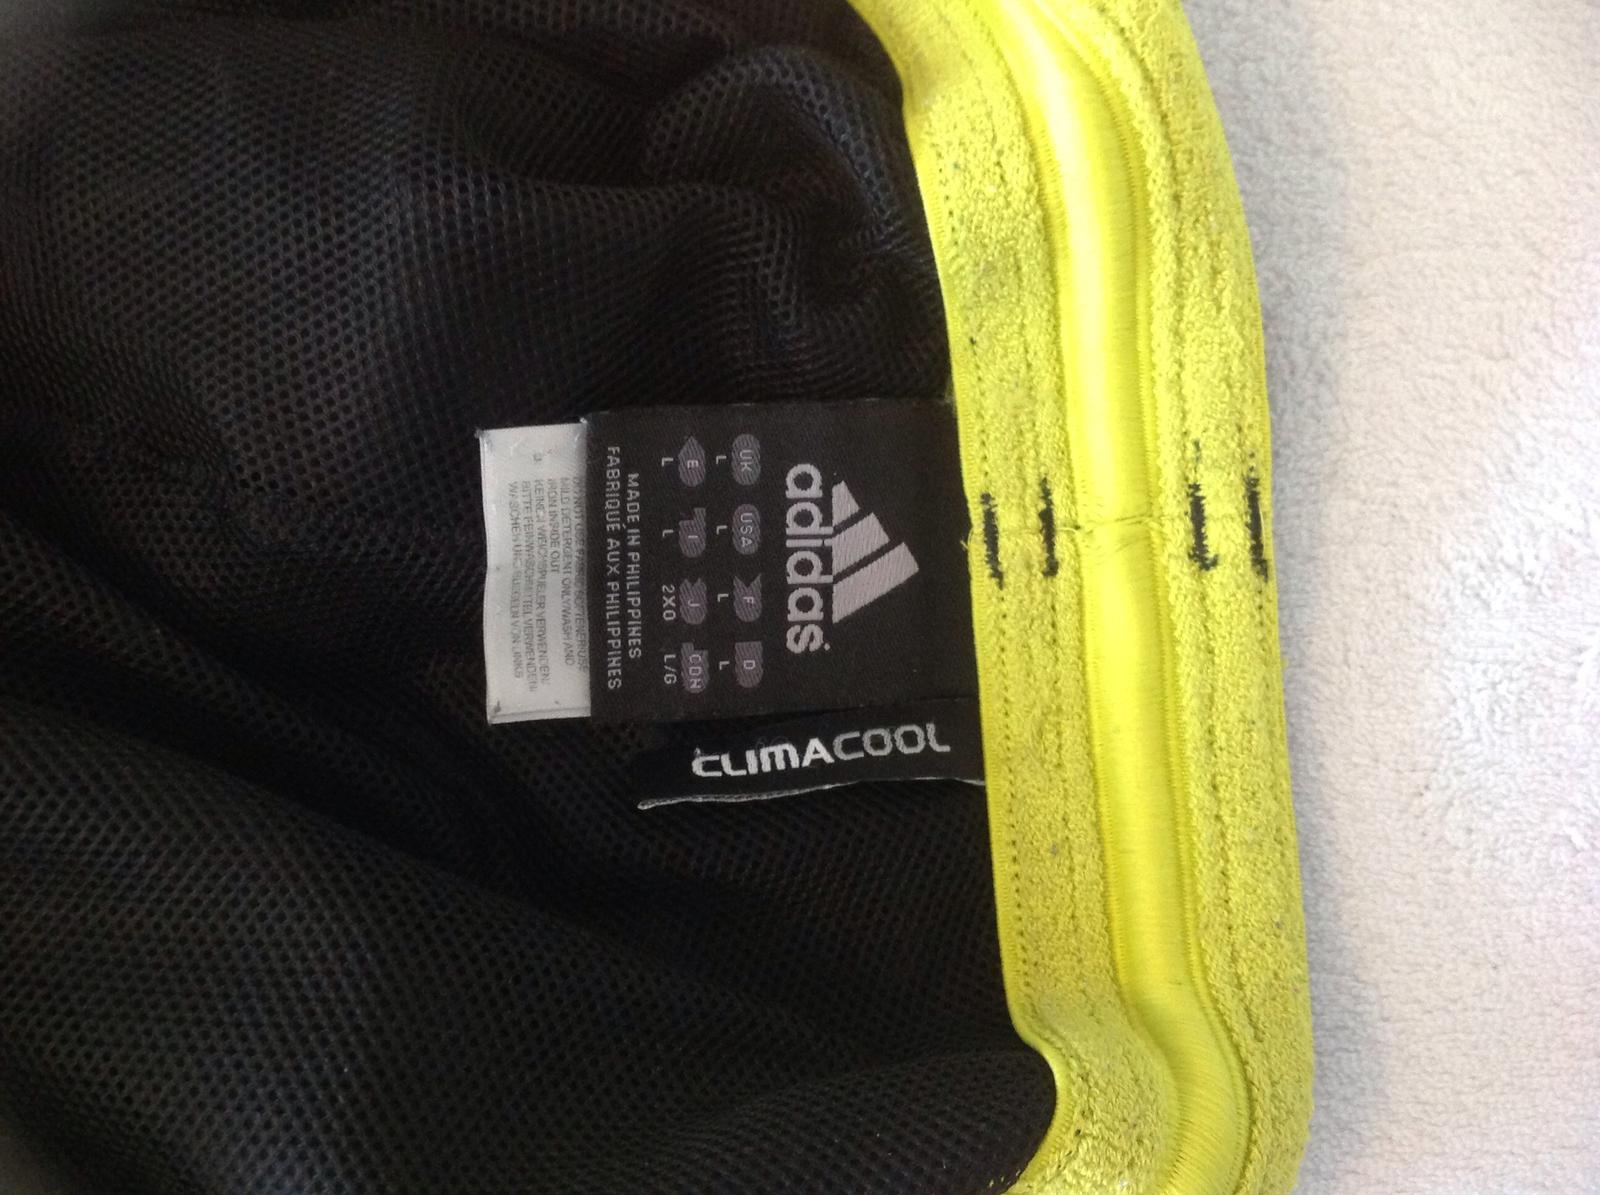 3ada5c836 Original rozpoznate podla visacky zapositej v bocnom sve je tam cislo ktore  zobrazuje mesiac a rok vyroby...katdy original adidas ho ma tieto nohavice  boli ...